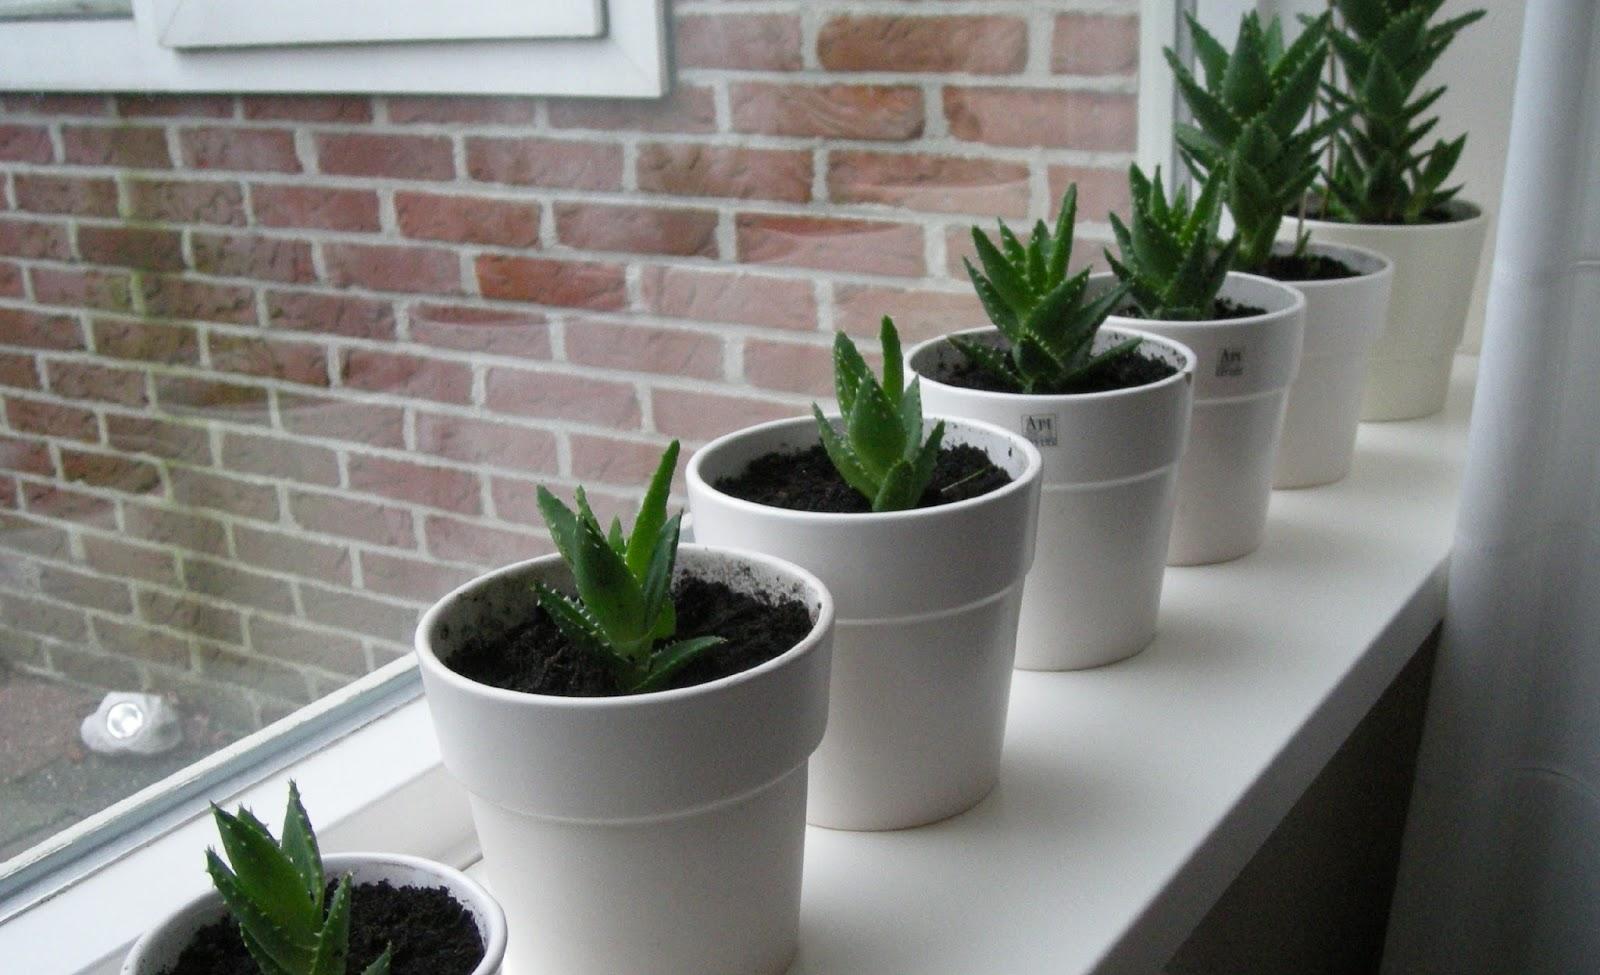 New Planten In De Vensterbank #PG56